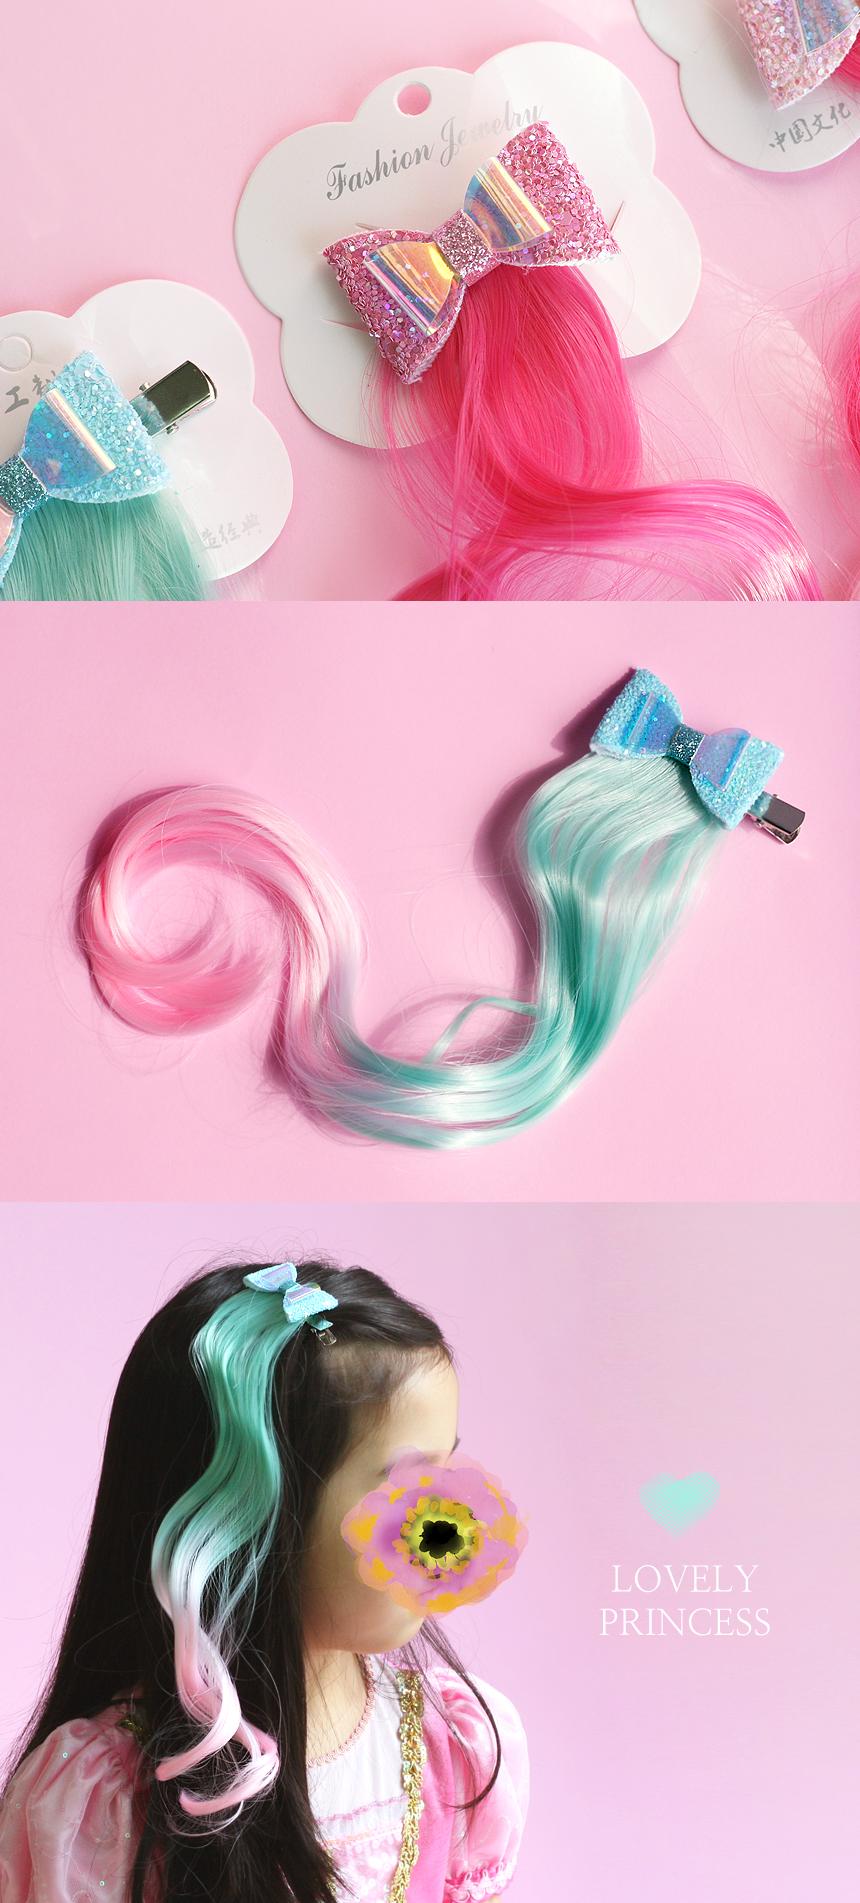 hair_bleach_05.jpg